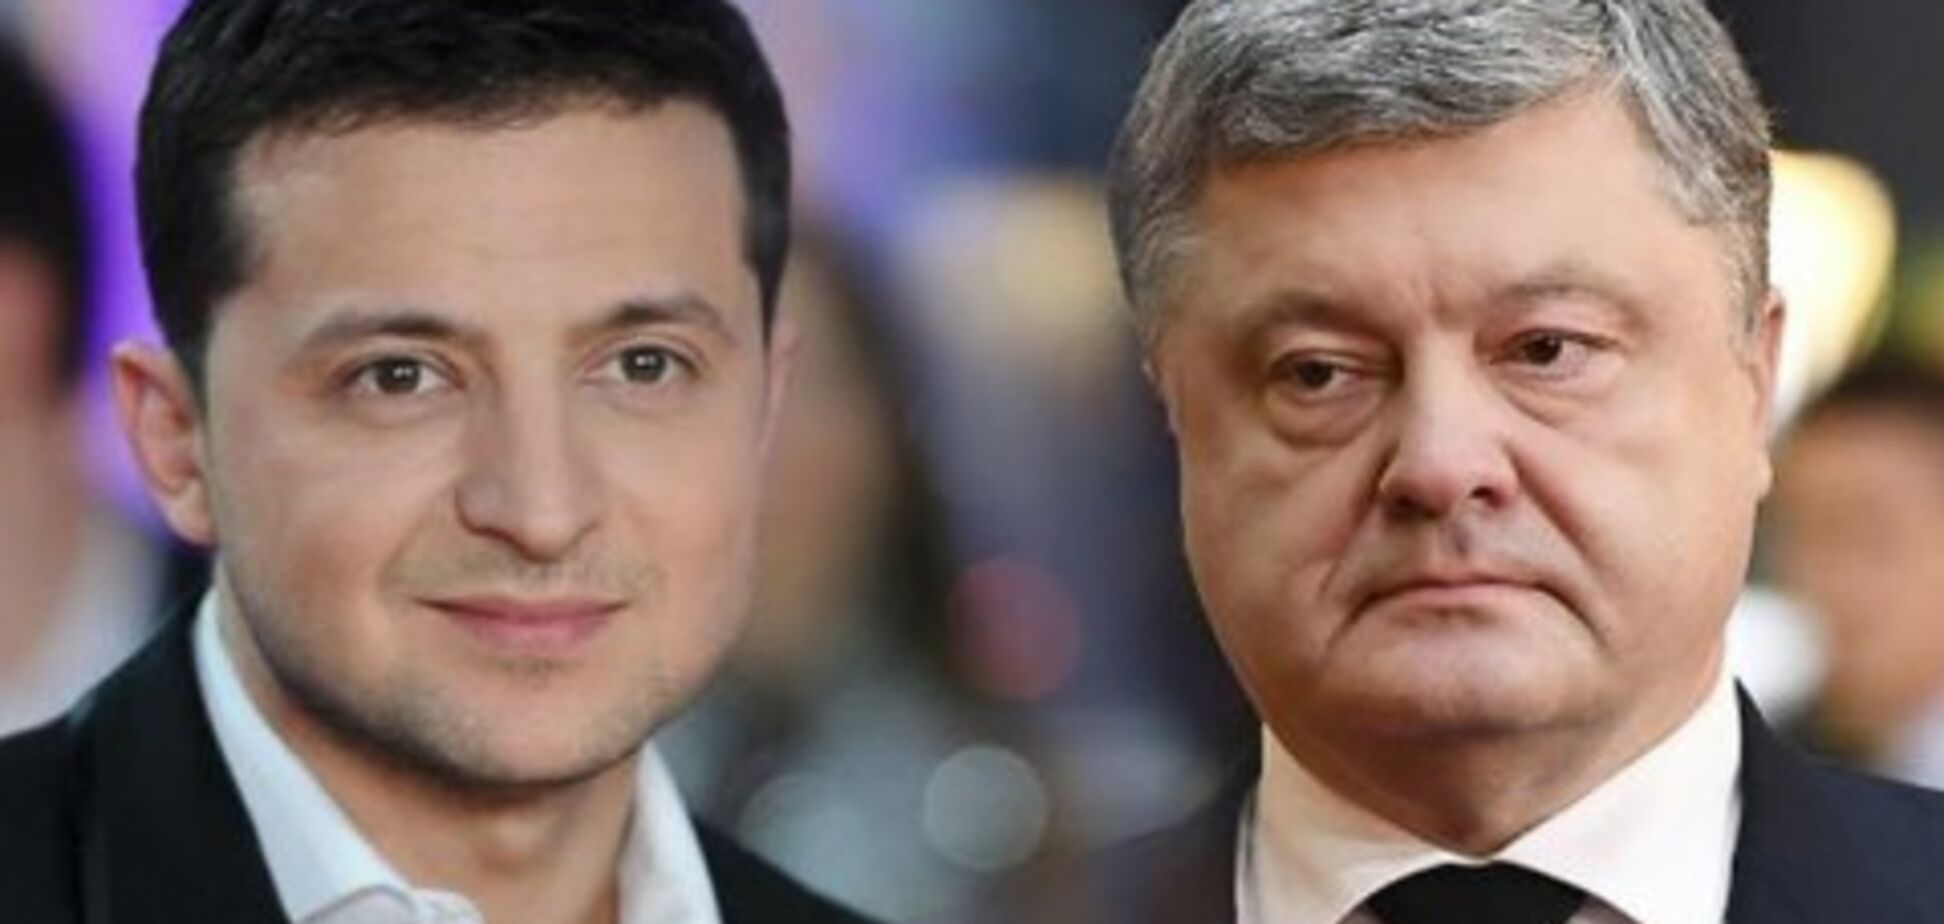 Хаос и травля: Украину предупредили о планах Путина после выборов